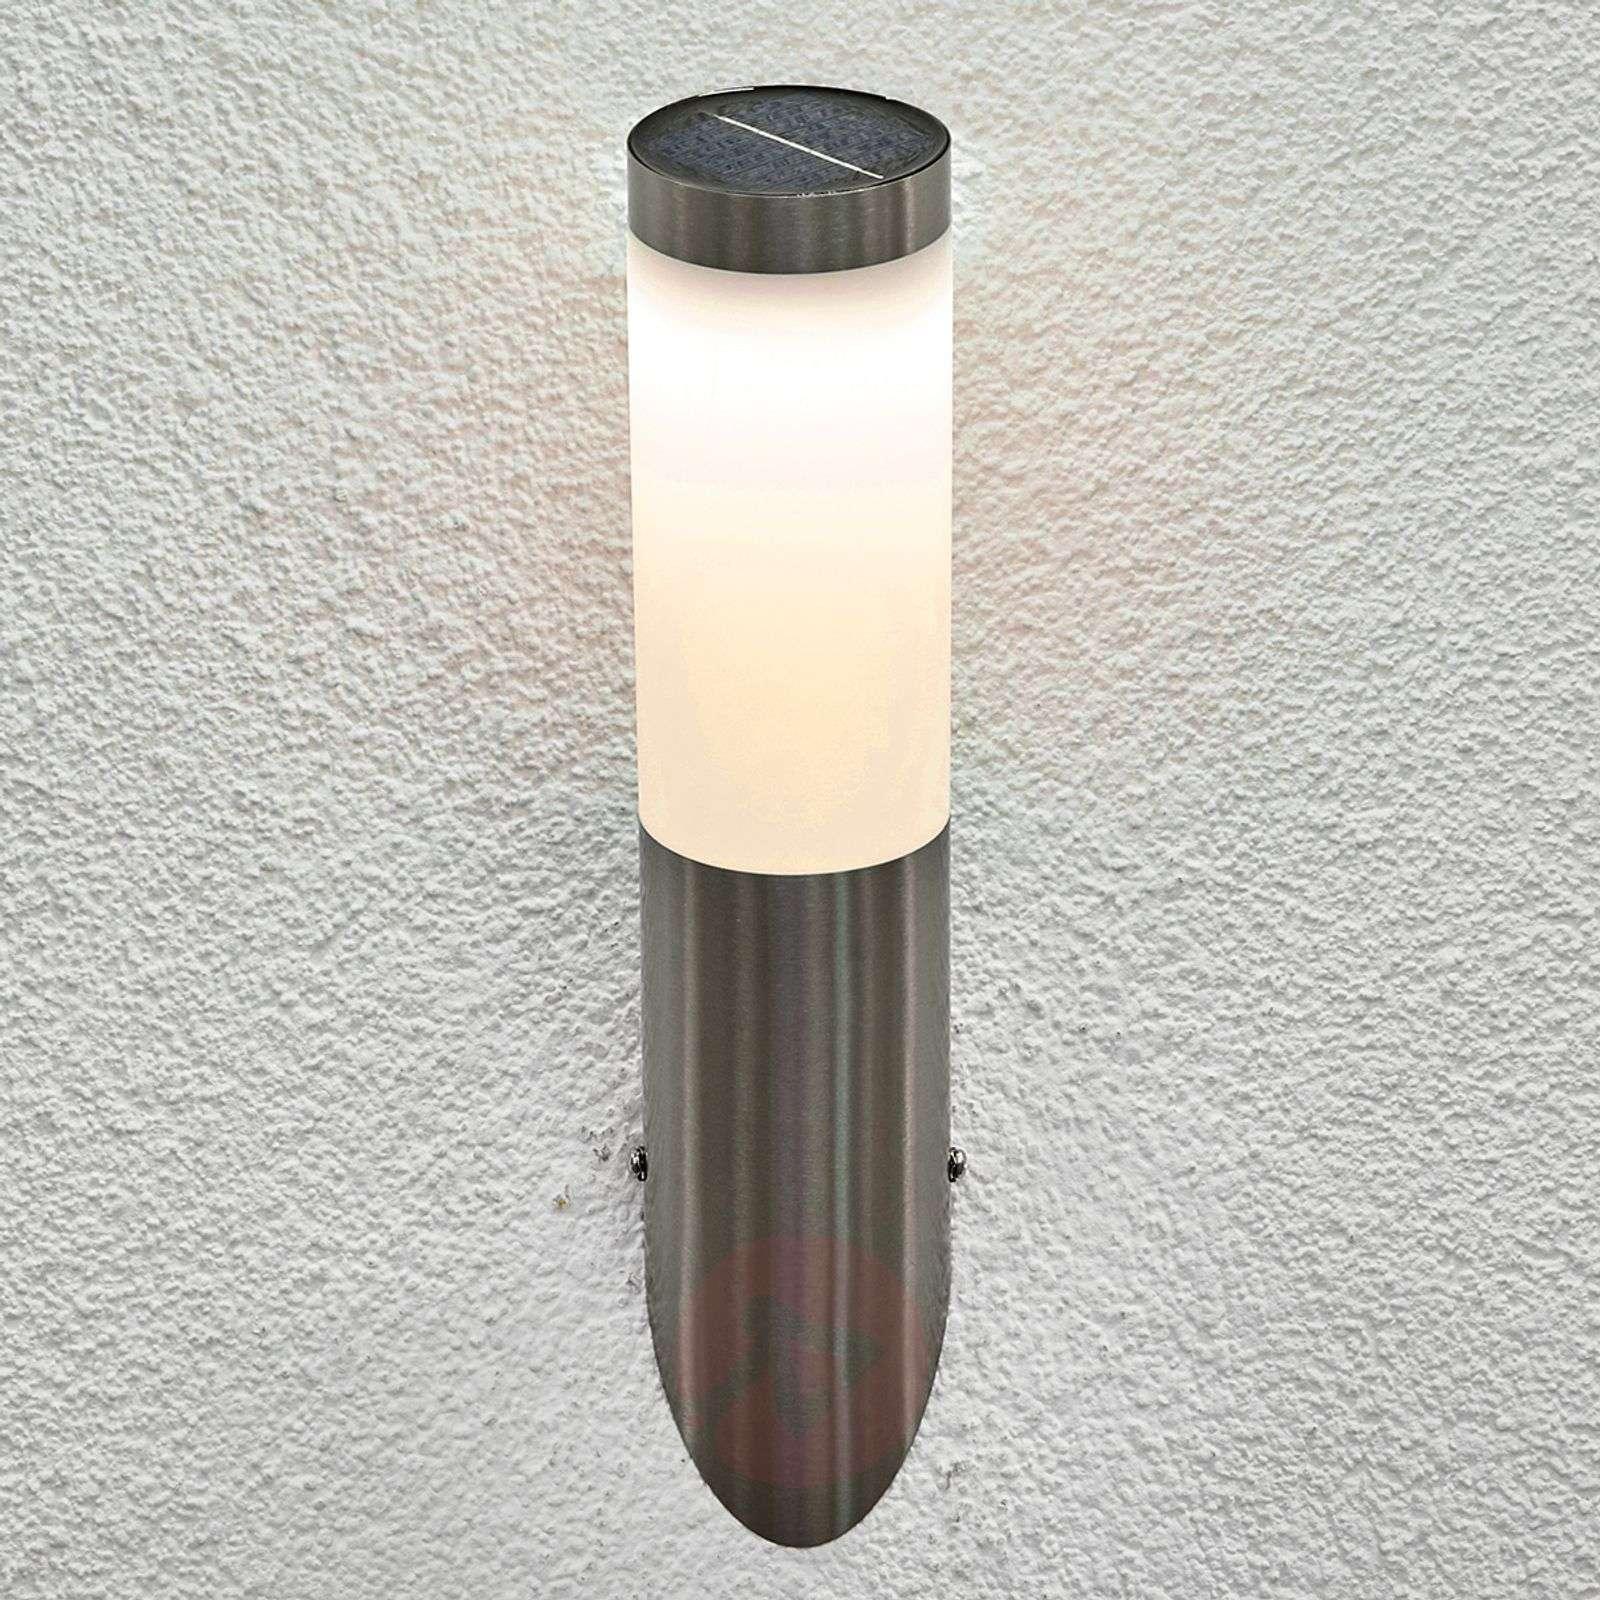 Aurinkotoiminen Jolla LED-ulkoseinävalaisin-9972003-01